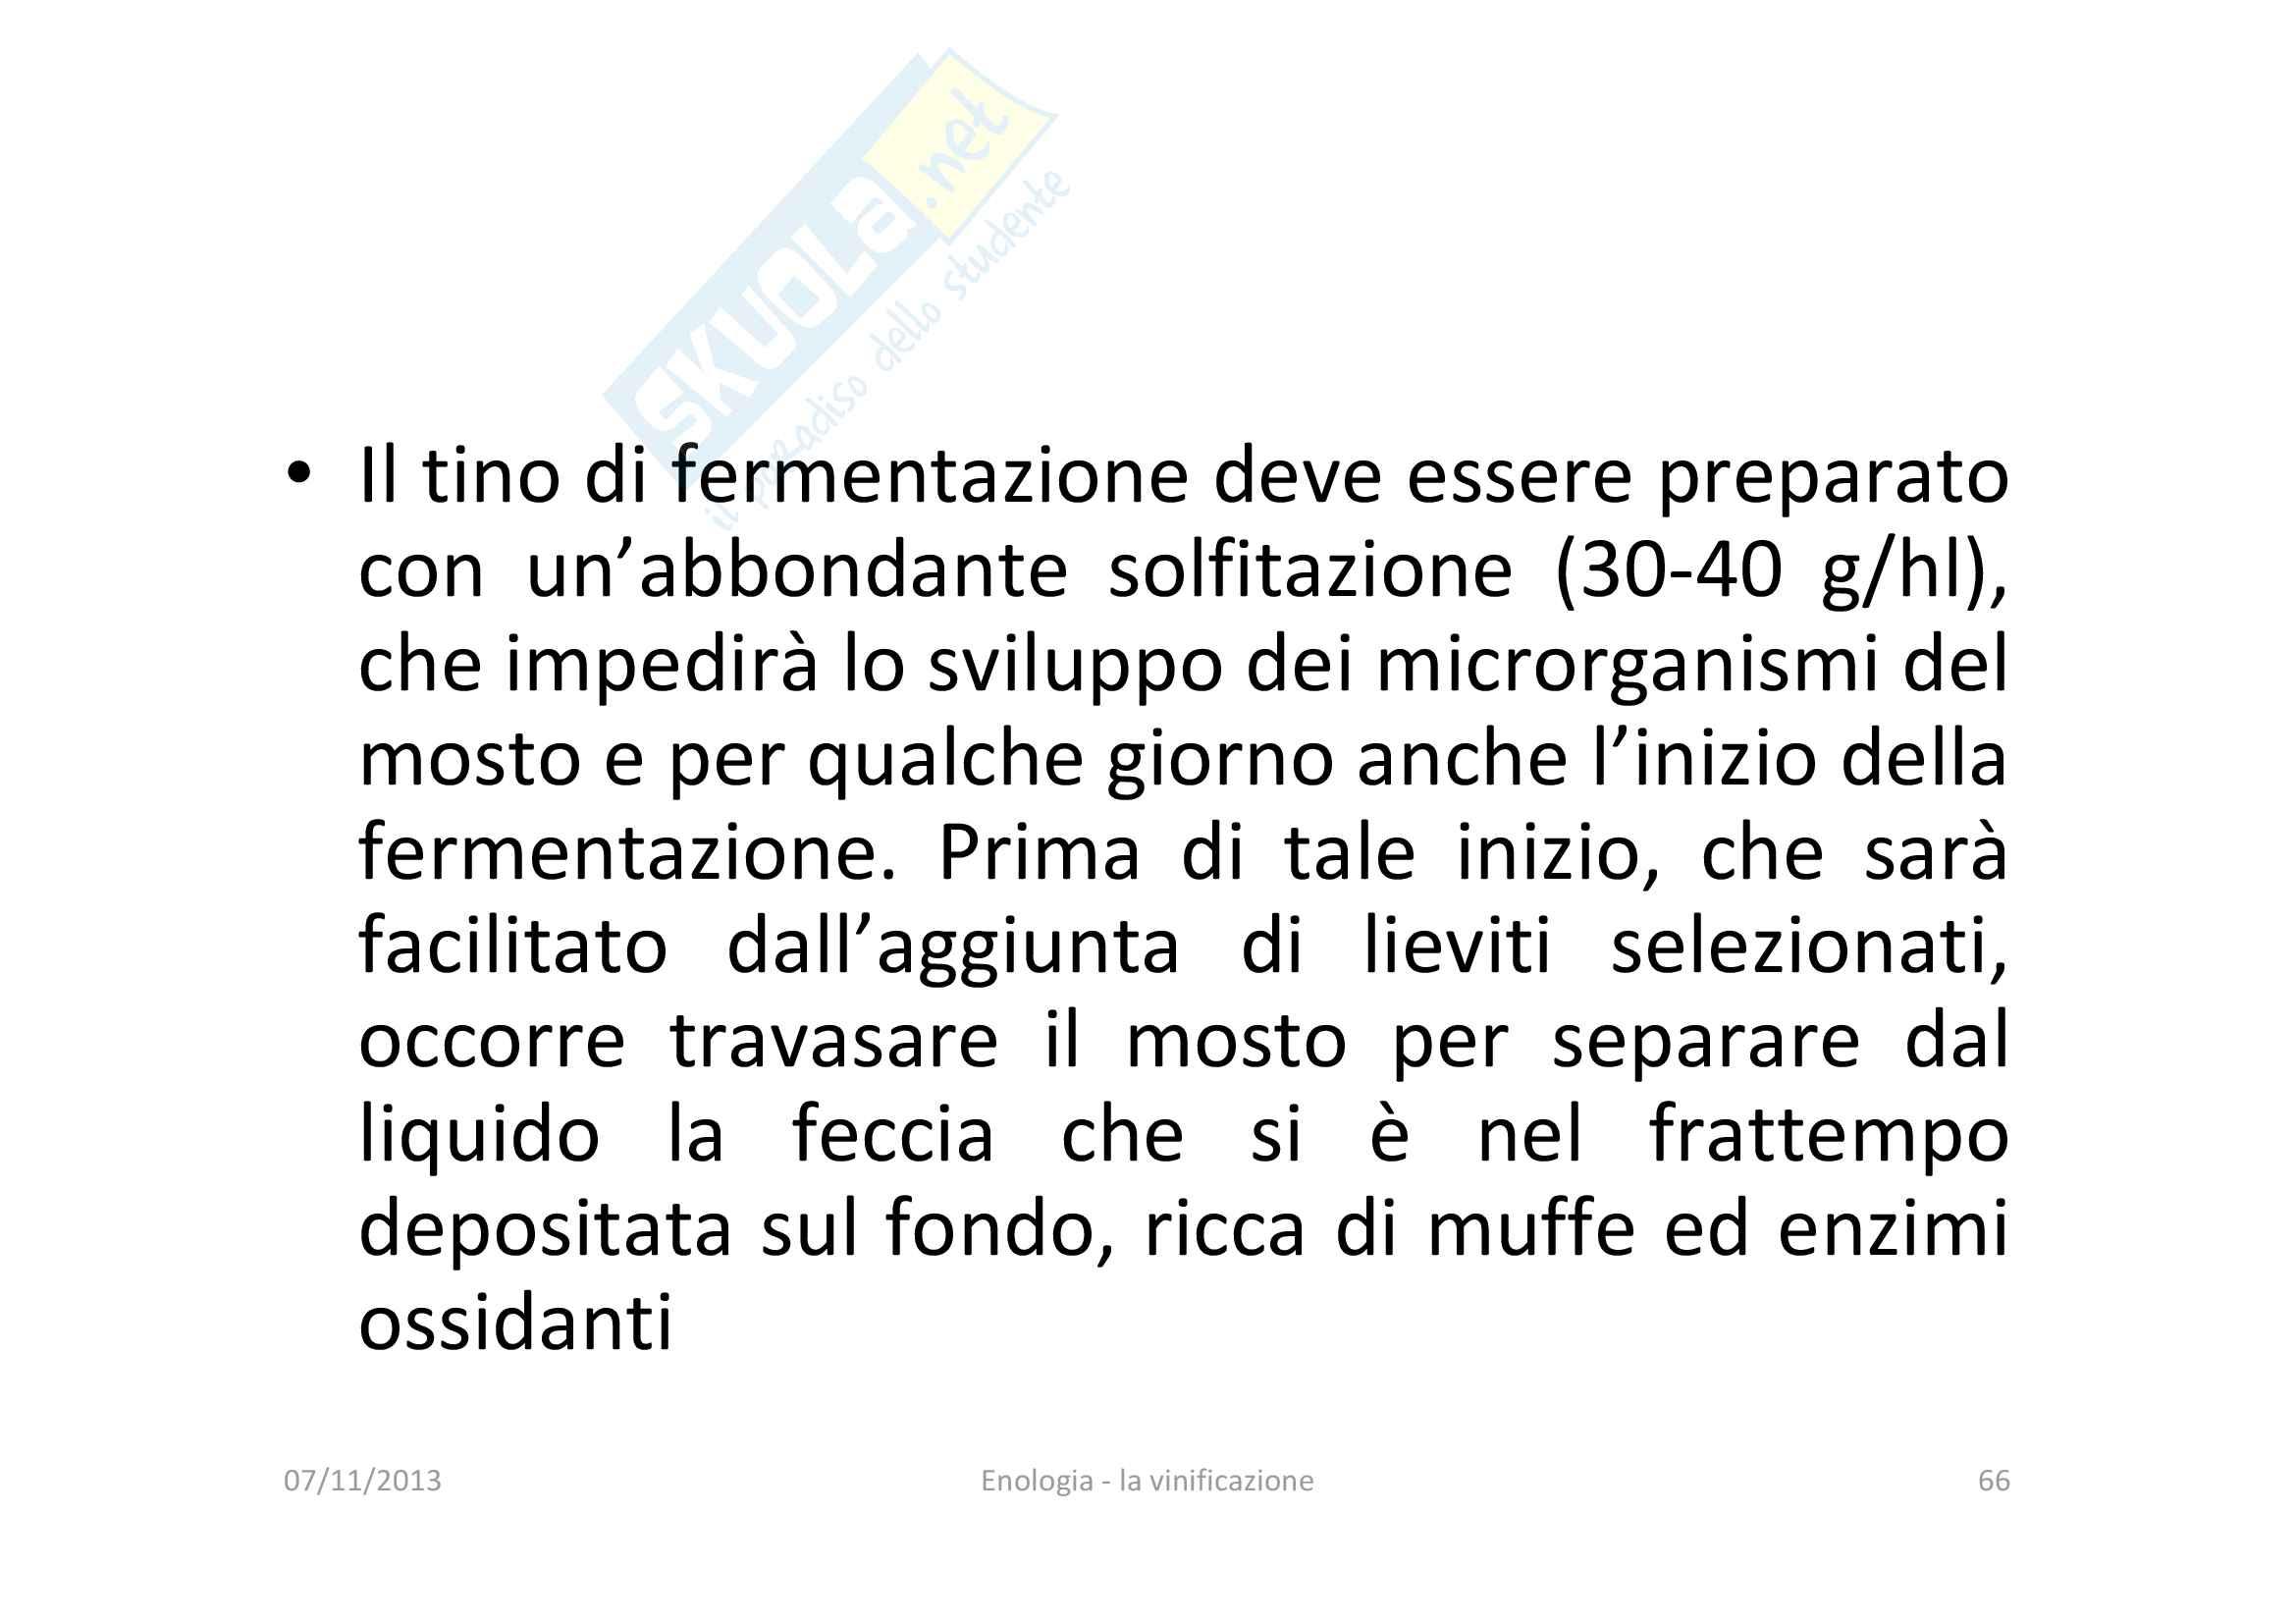 Vinificazione Pag. 66